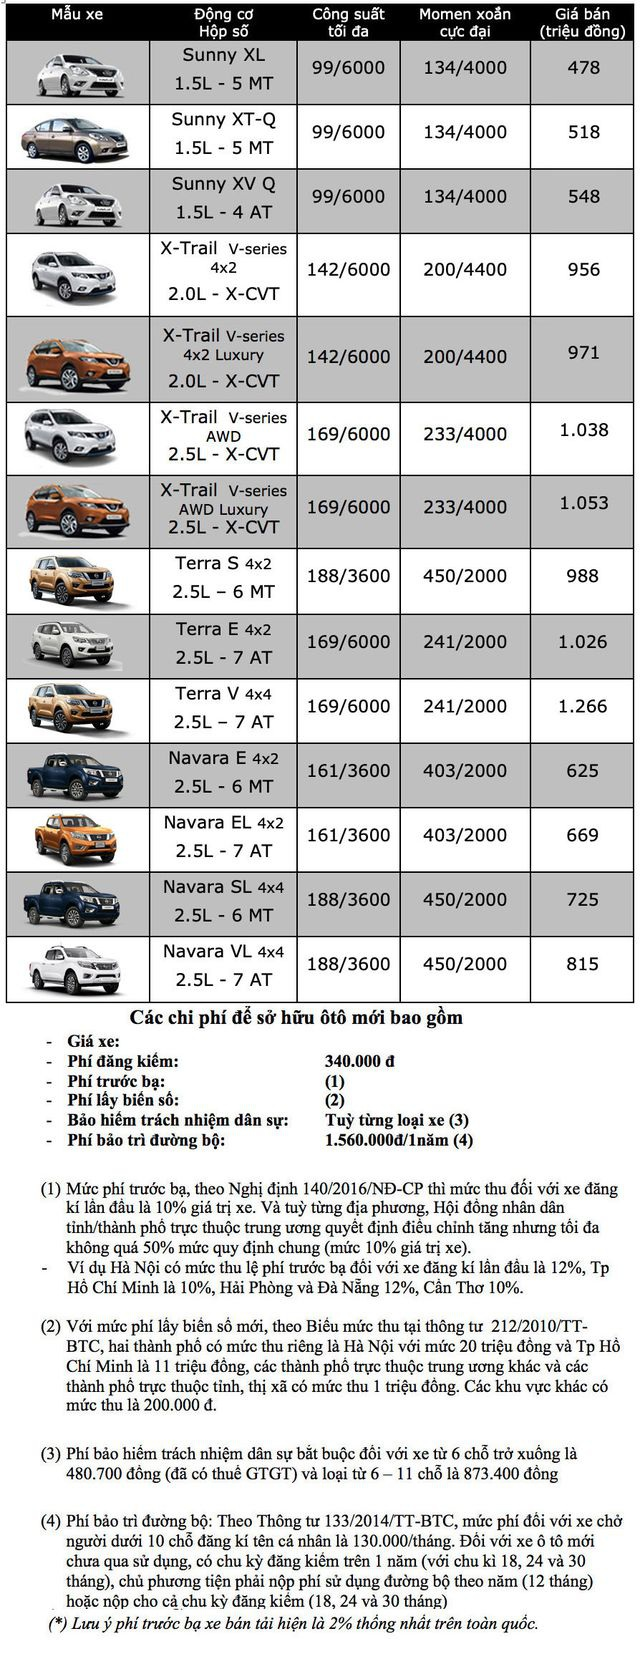 Bảng giá Nissan tại Việt Nam cập nhật tháng 3/2019 - 1